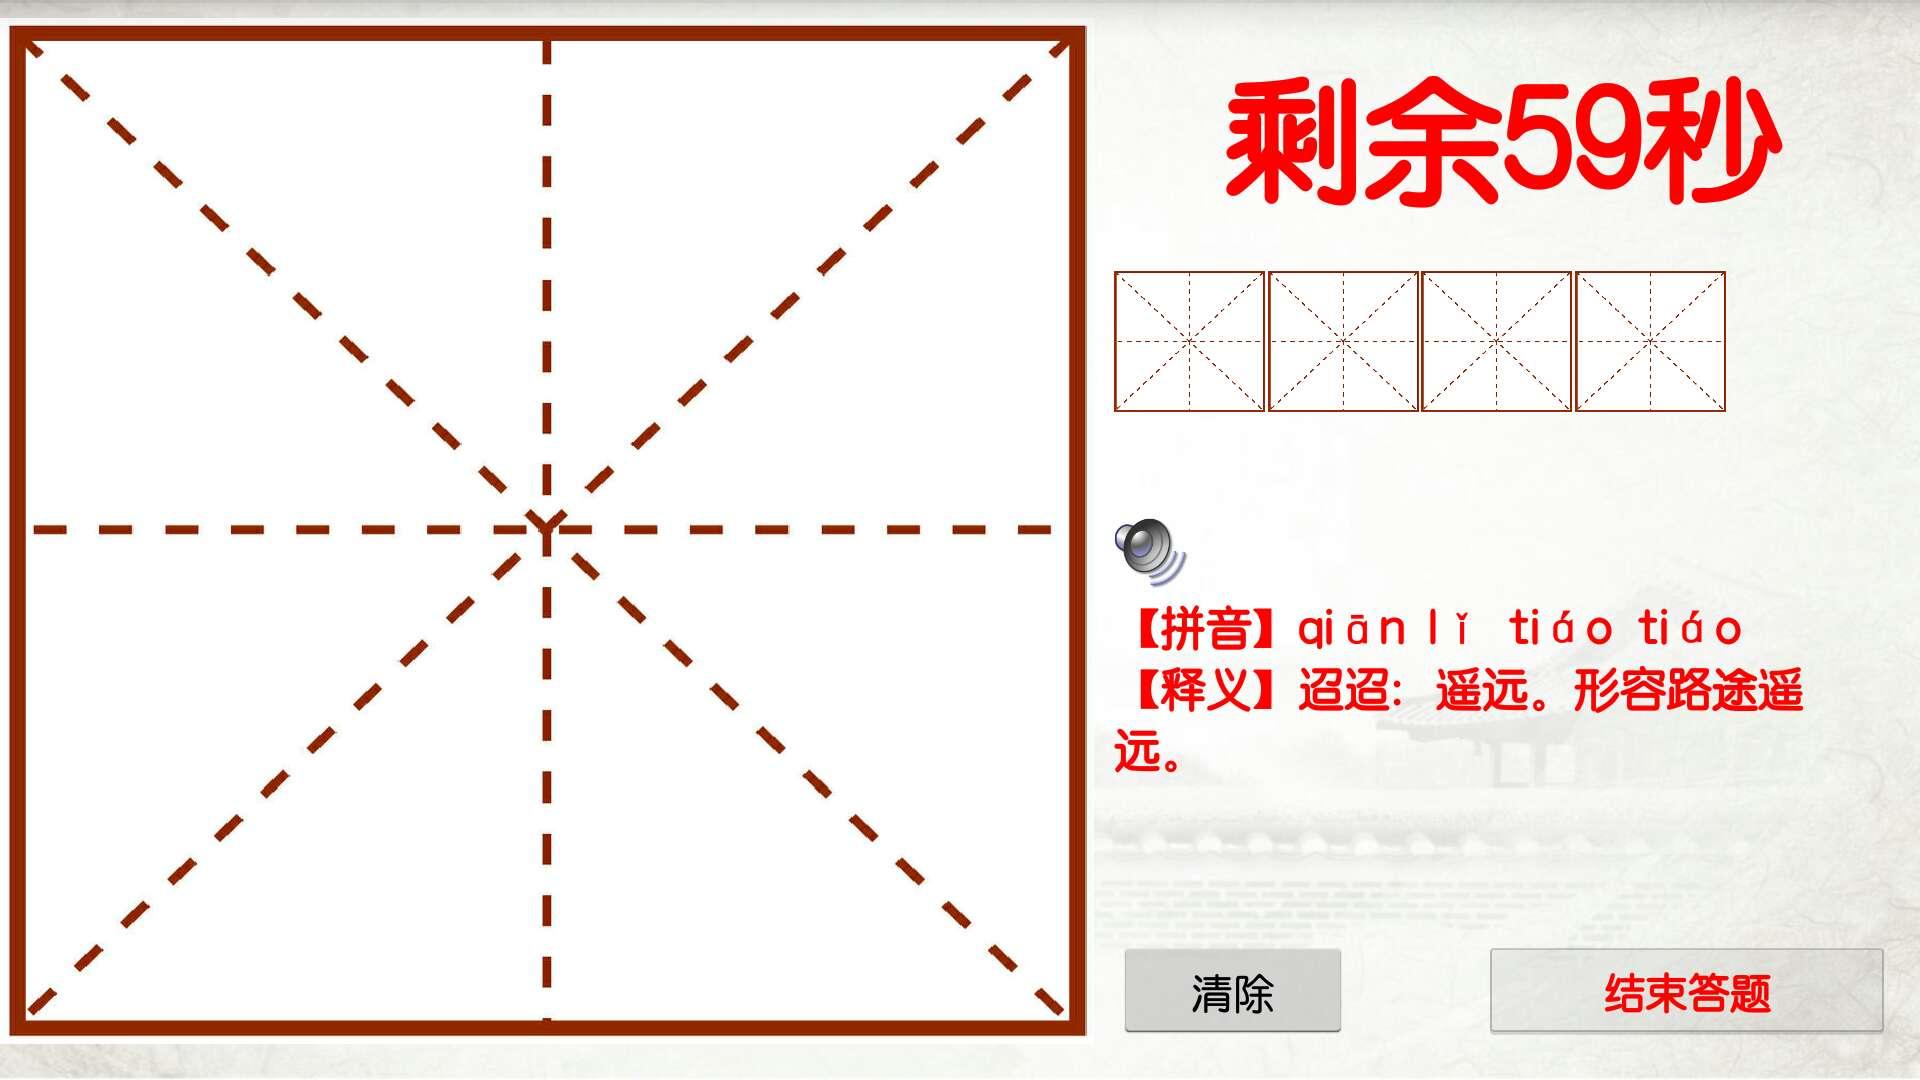 【分享】潜赛诗语 20191111-爱小助